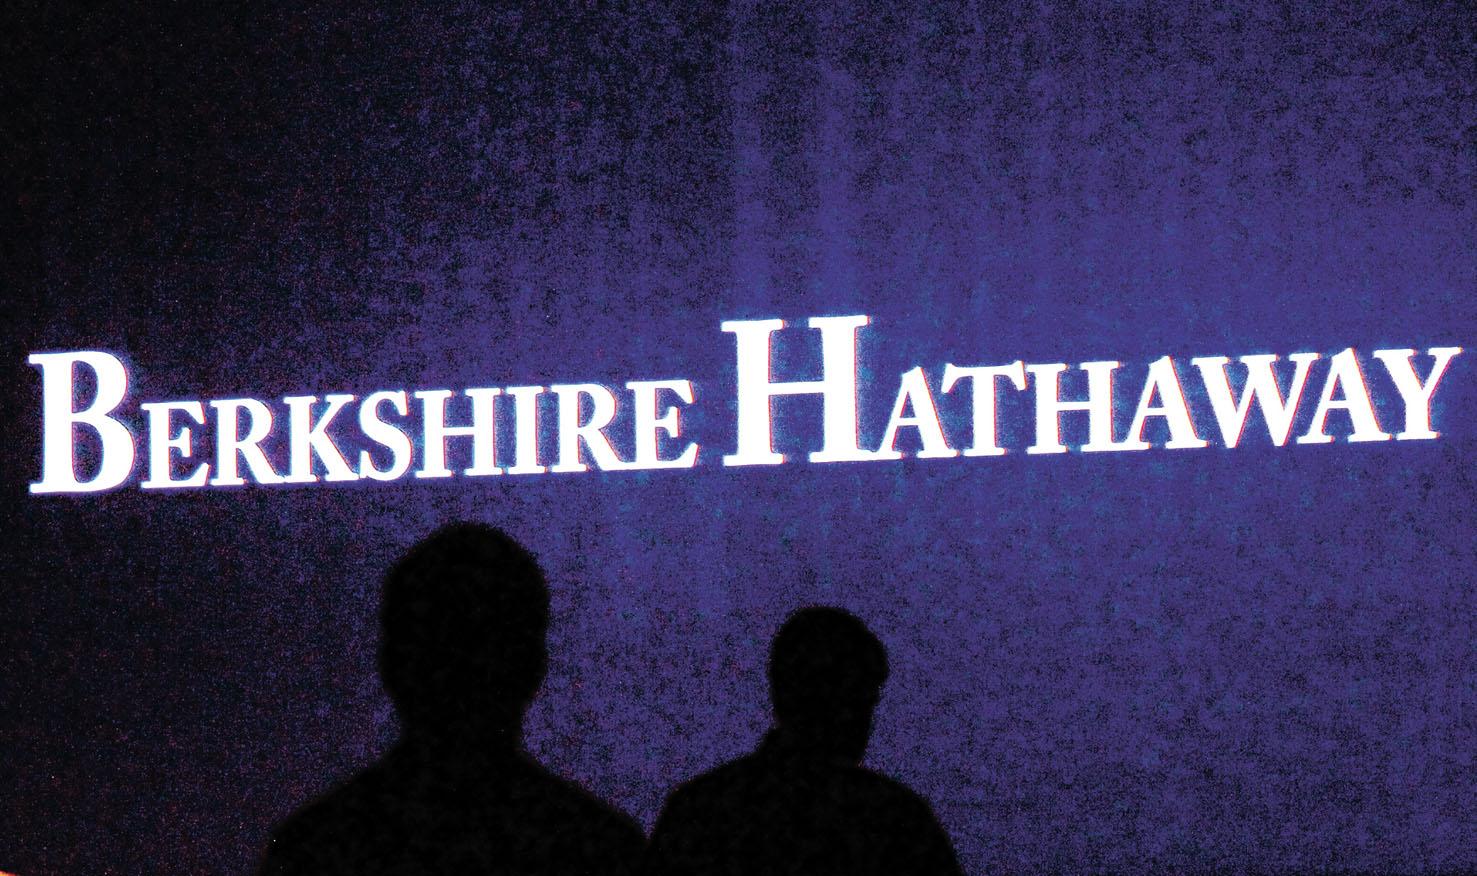 在公司年度會議上,巴郡公司的股東走過視頻屏幕。路透社資料圖片